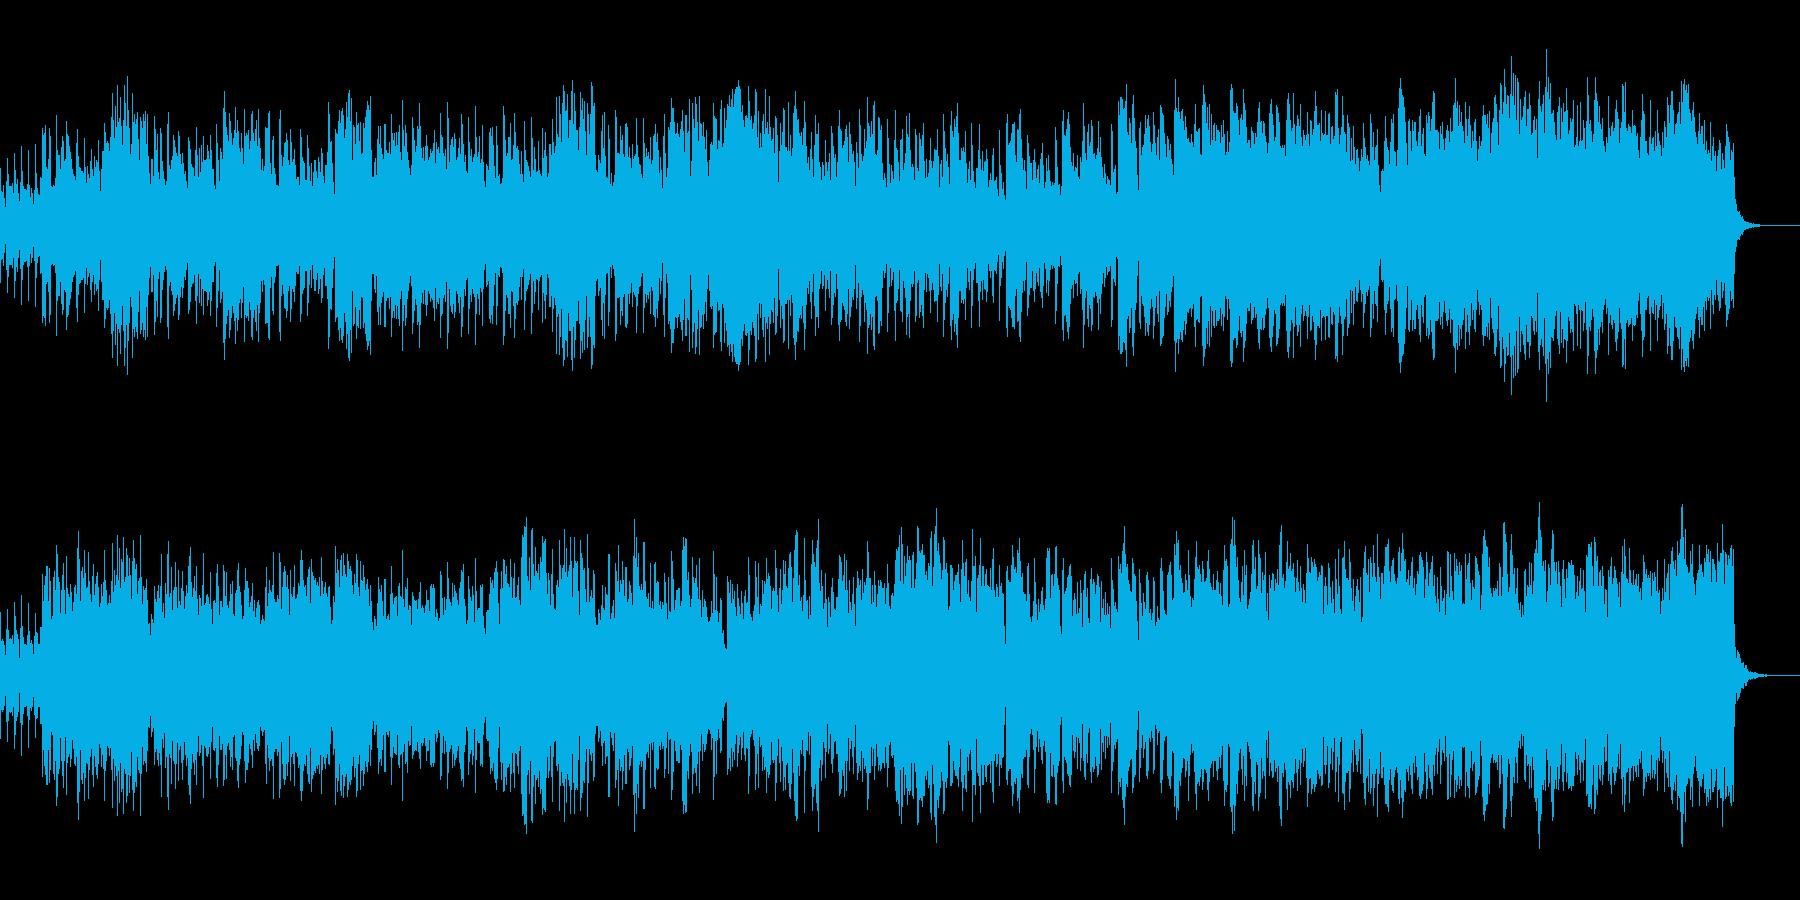 エキゾチックな雰囲気のBGMの再生済みの波形